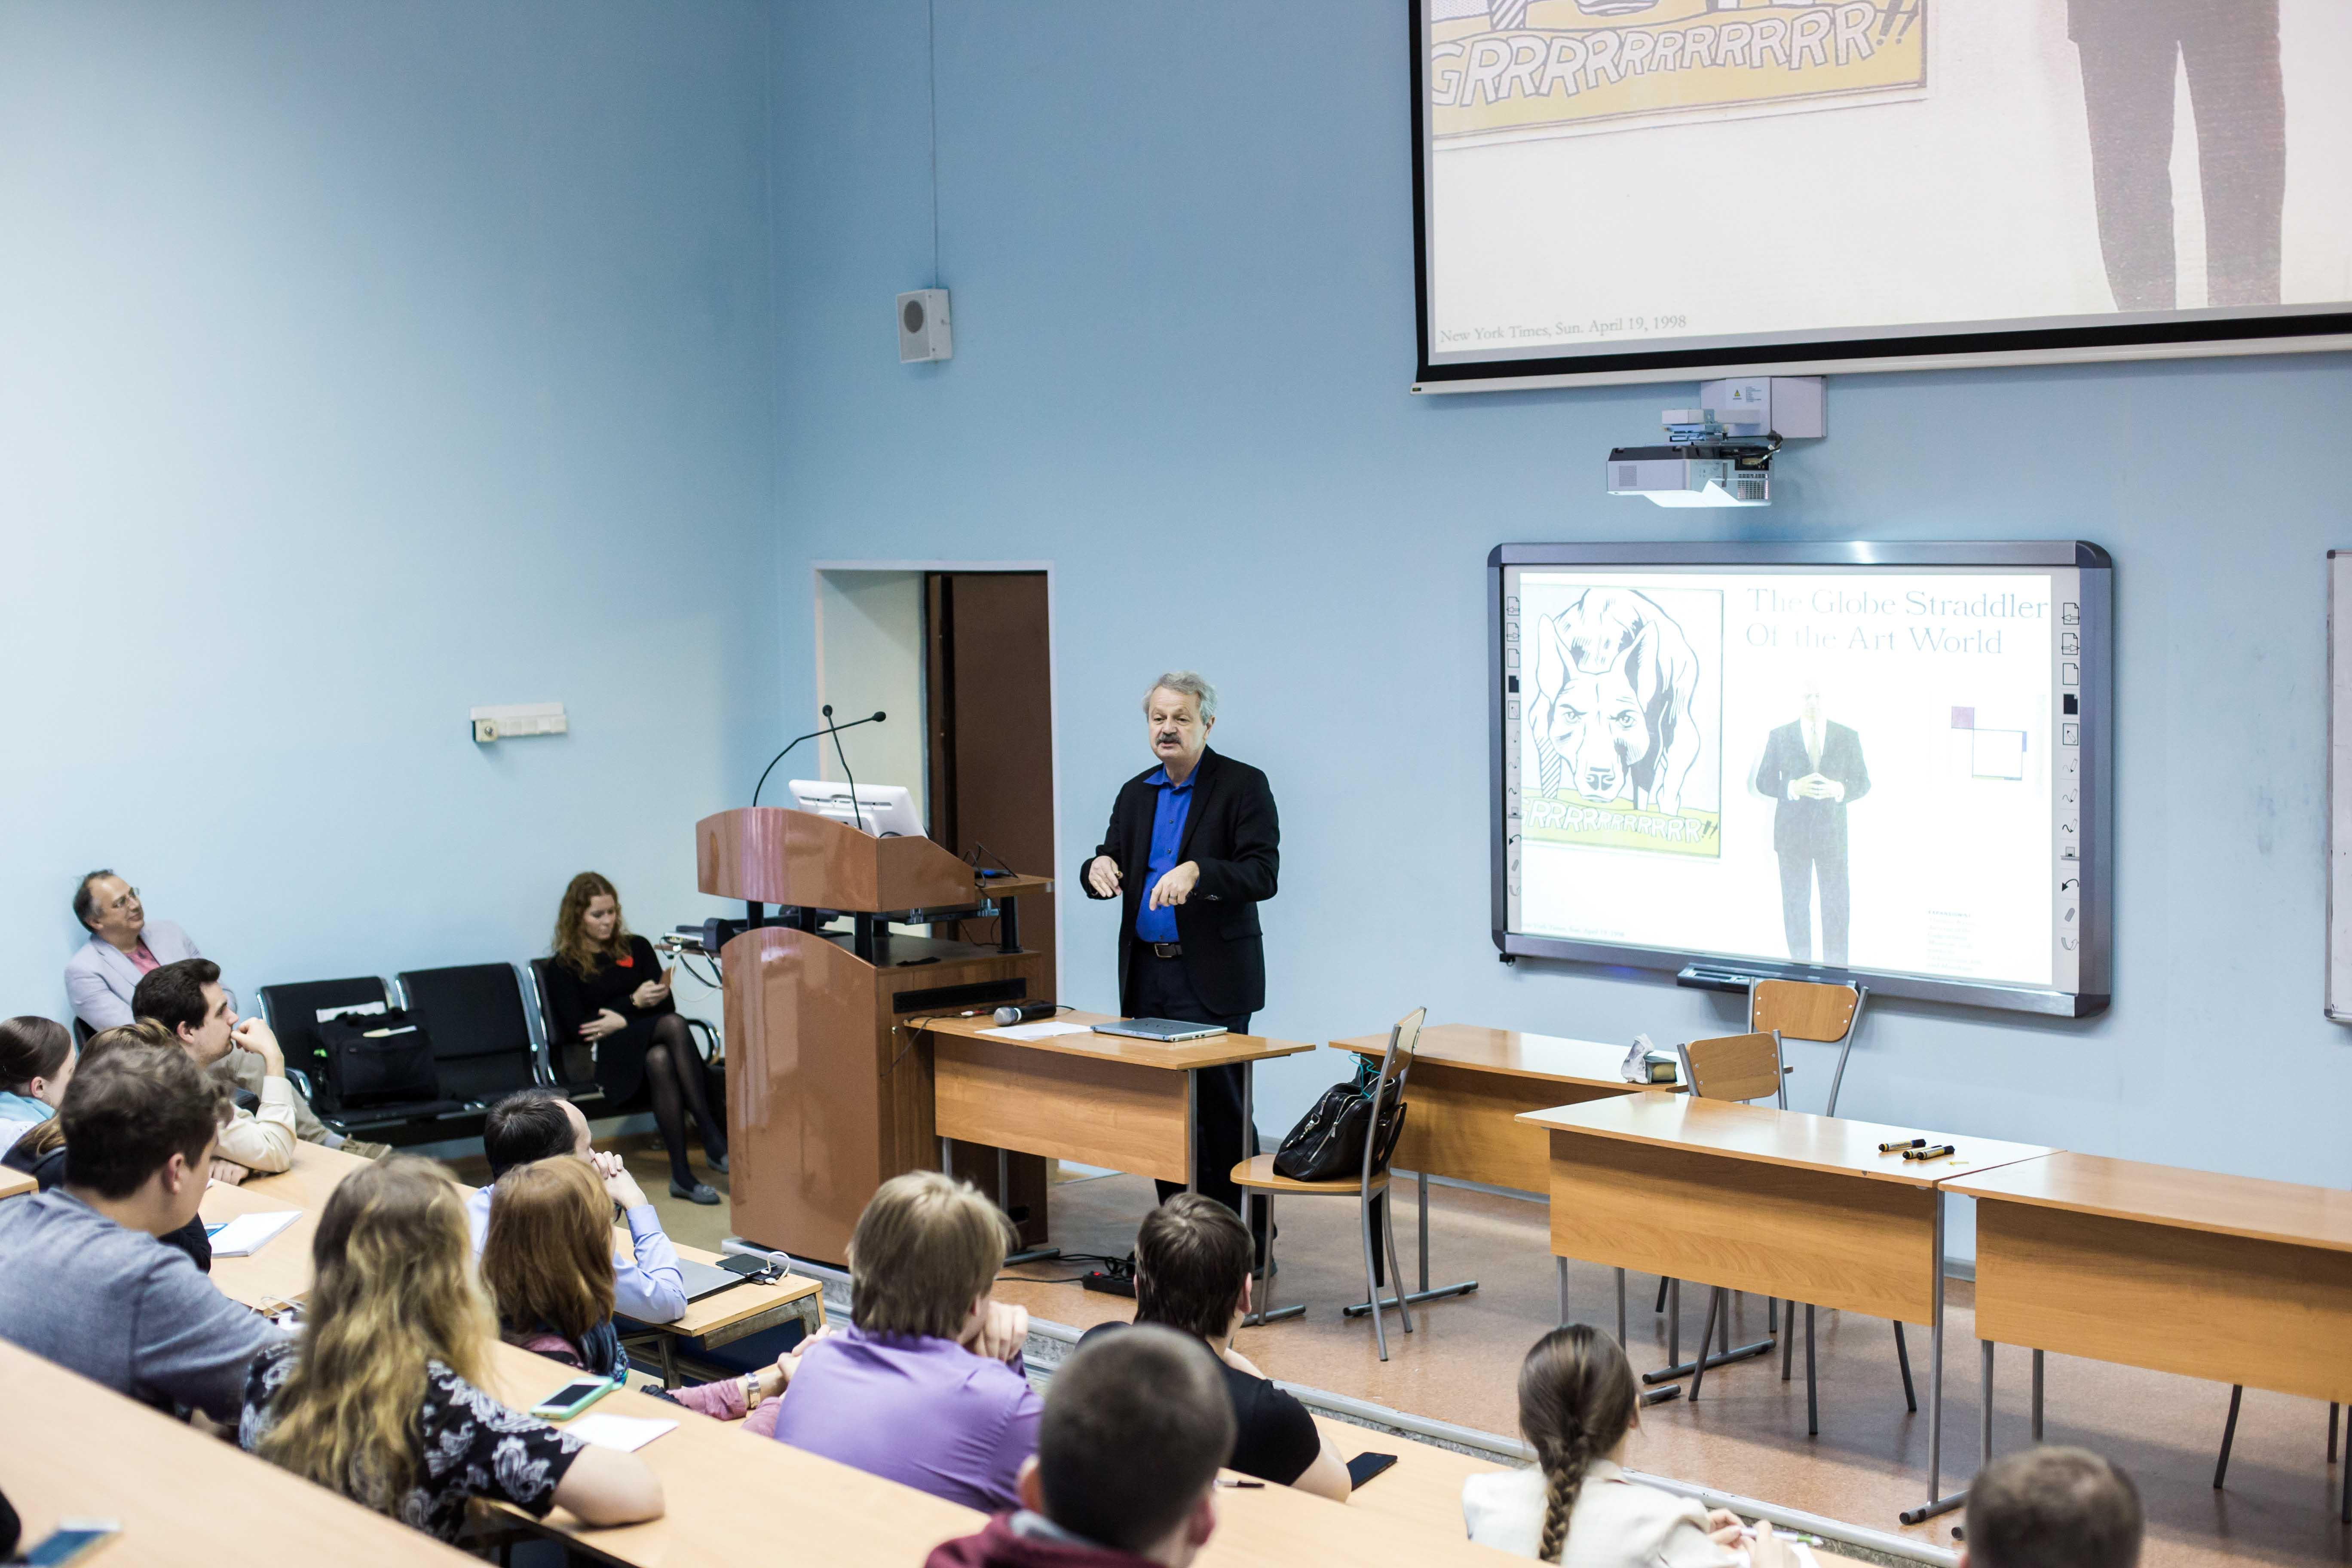 Charles Falco gives lecture at ITMO University